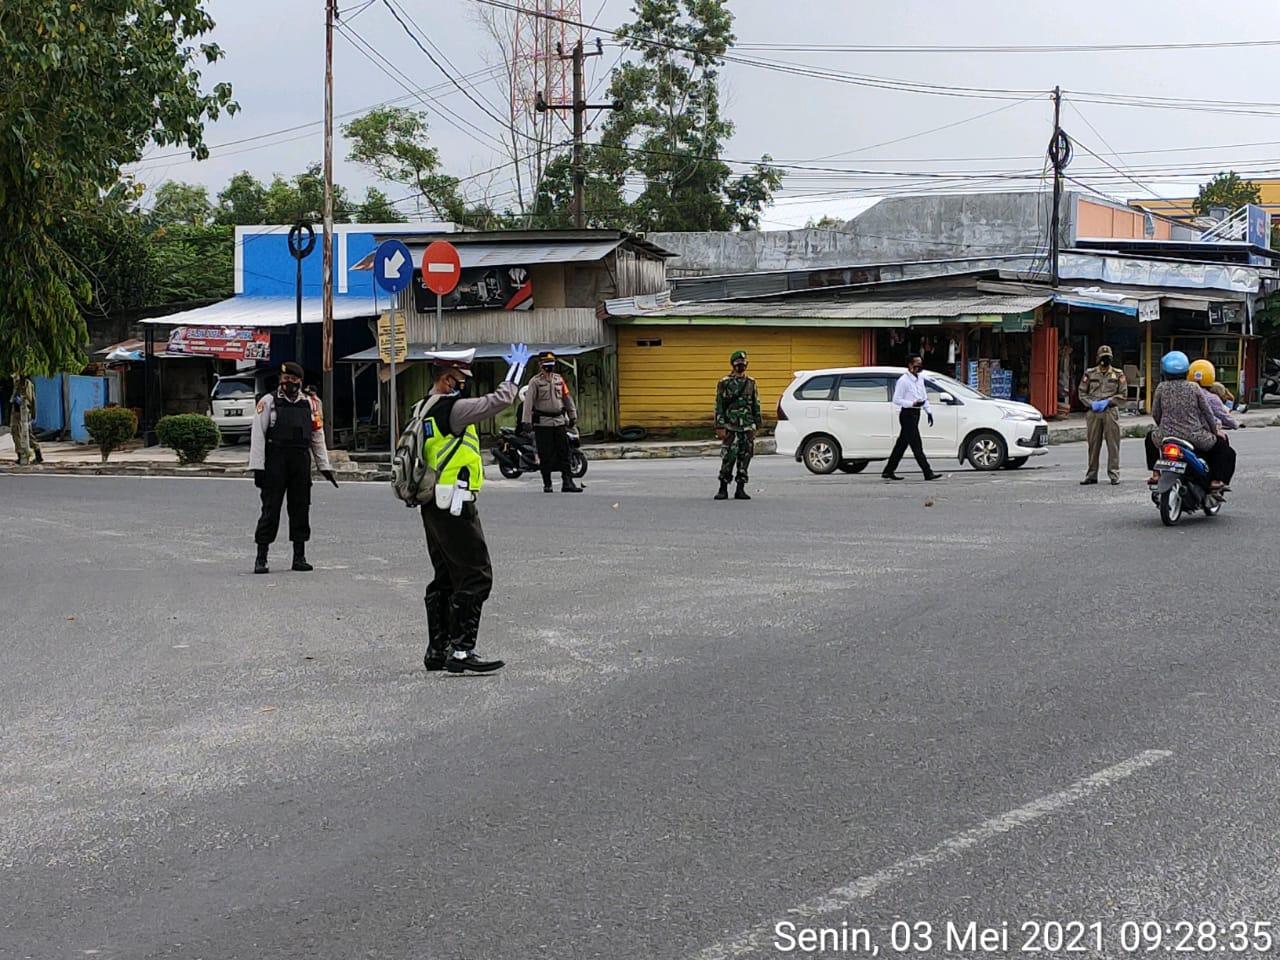 Operasi Yustisi Gabungan Gencar dilakukan oleh Polres Kobar